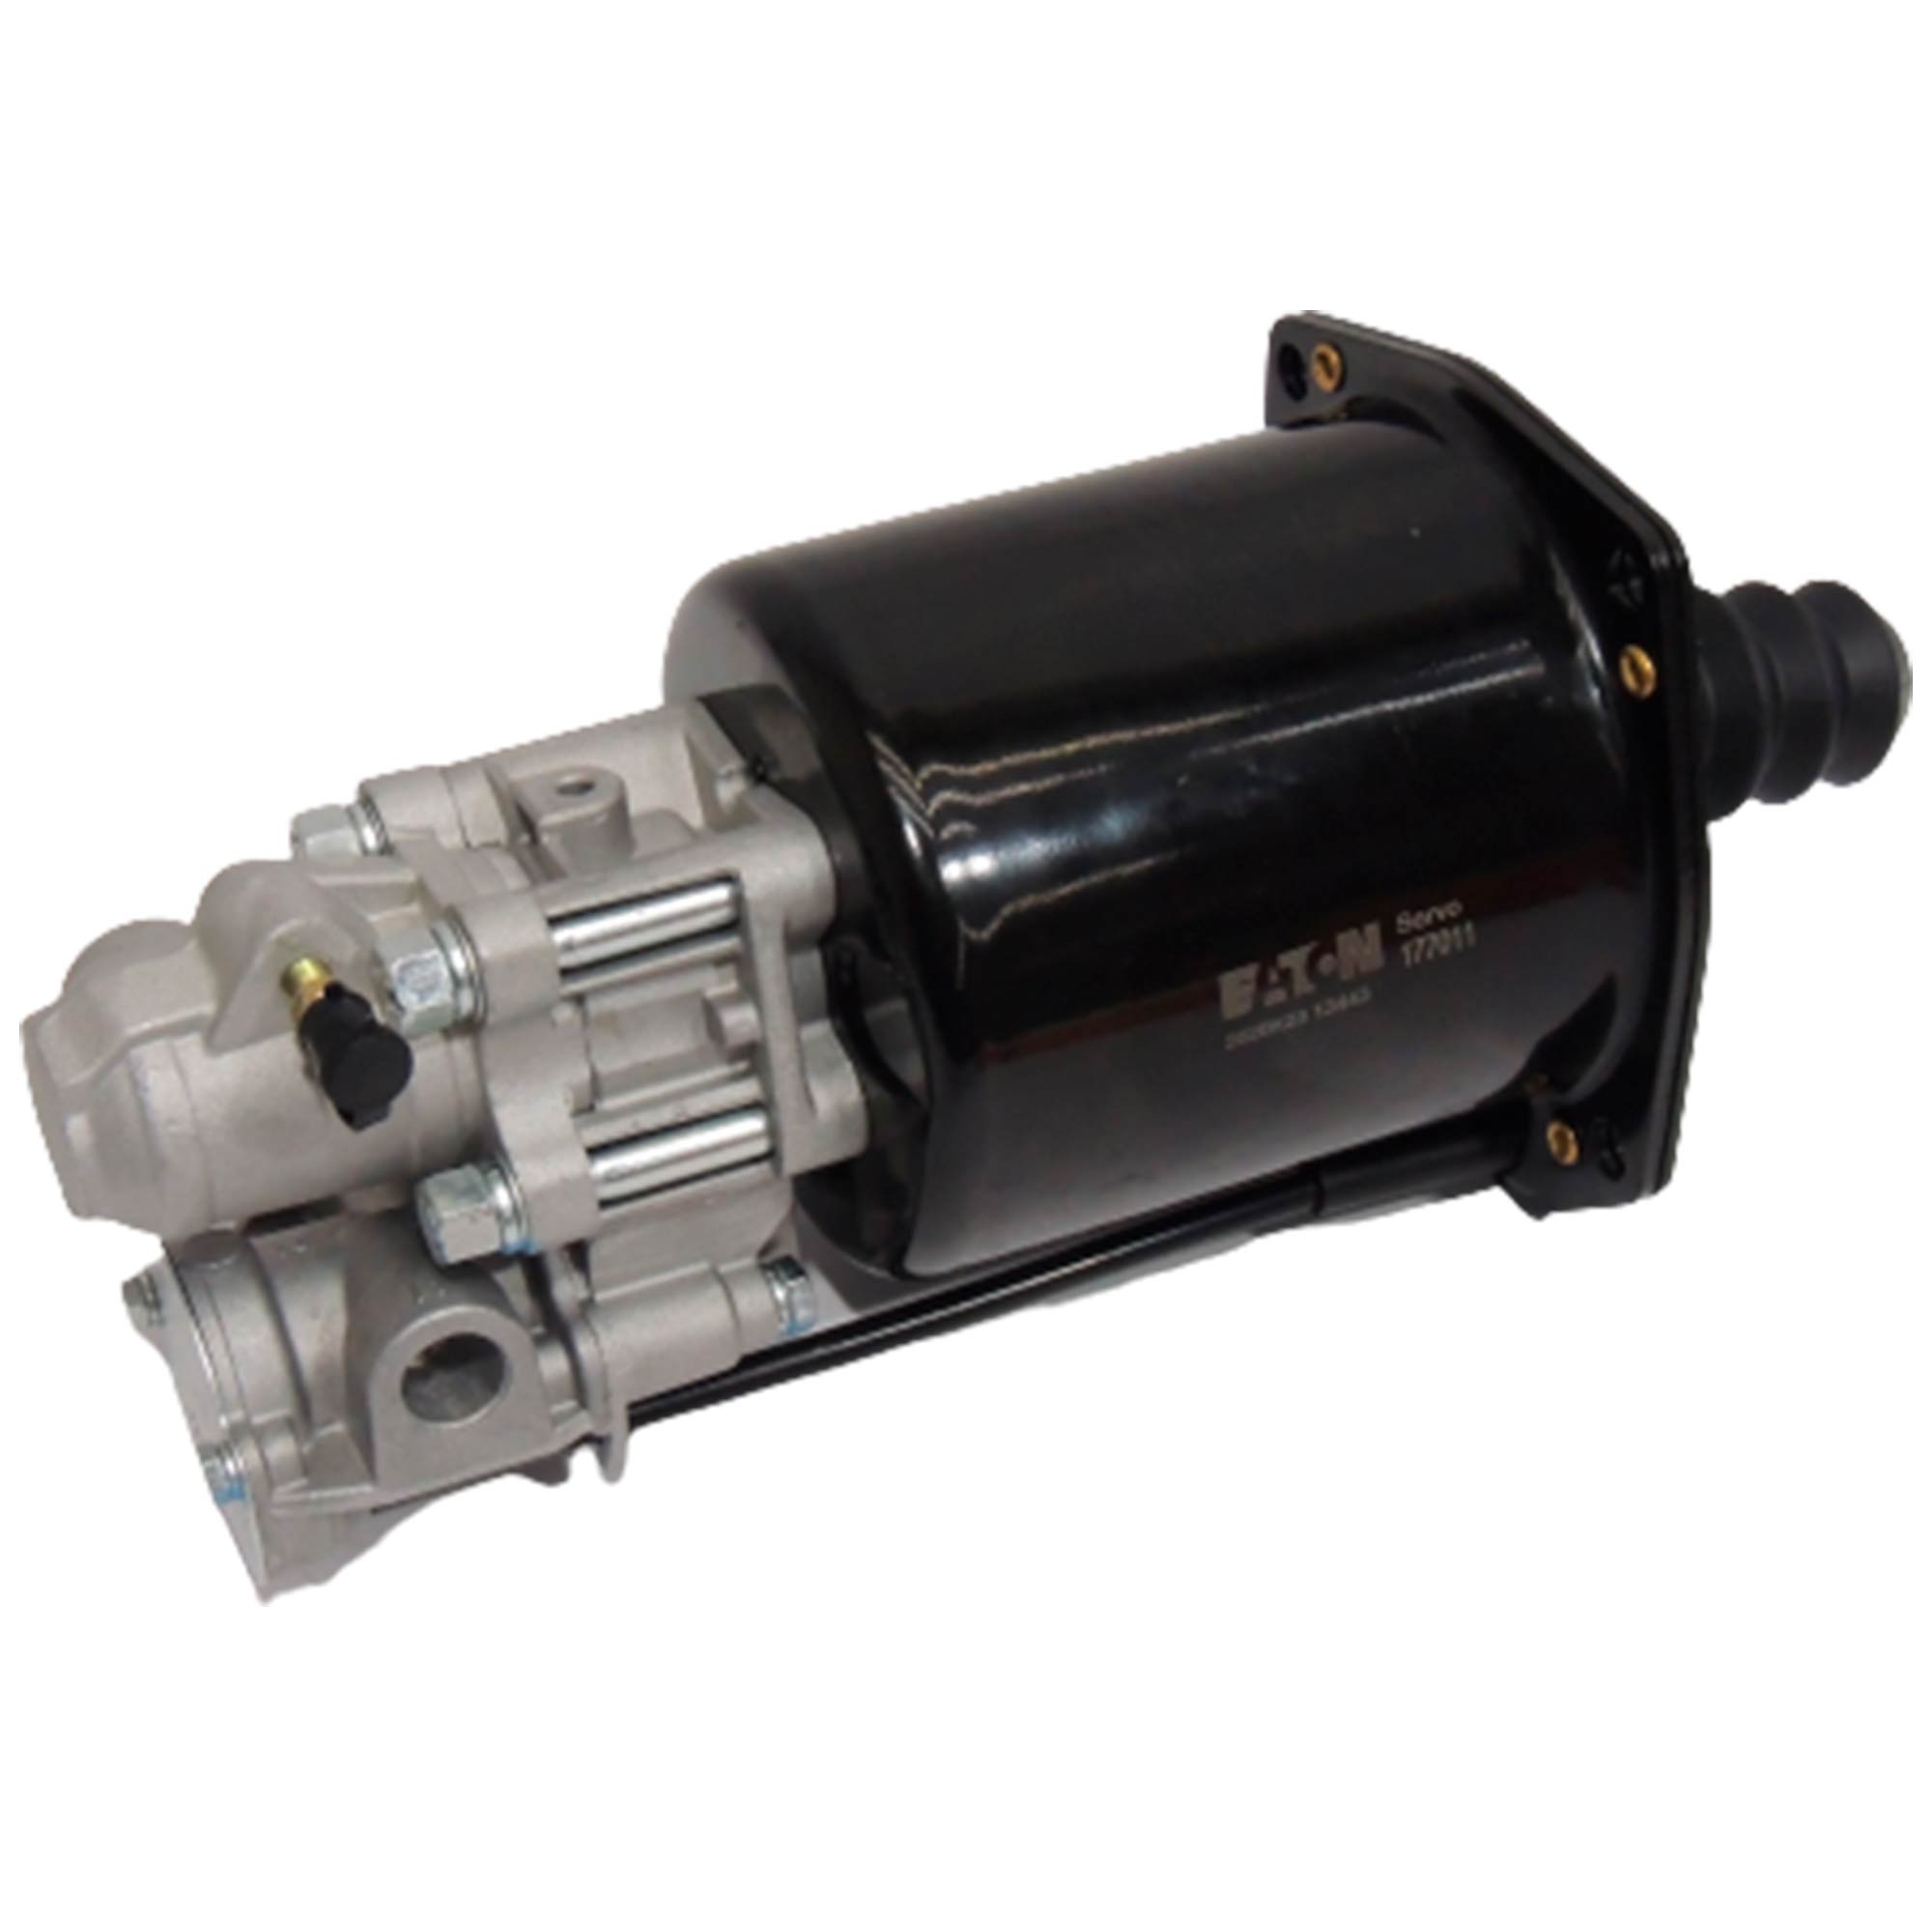 177011 - Servo embreagem cilindro